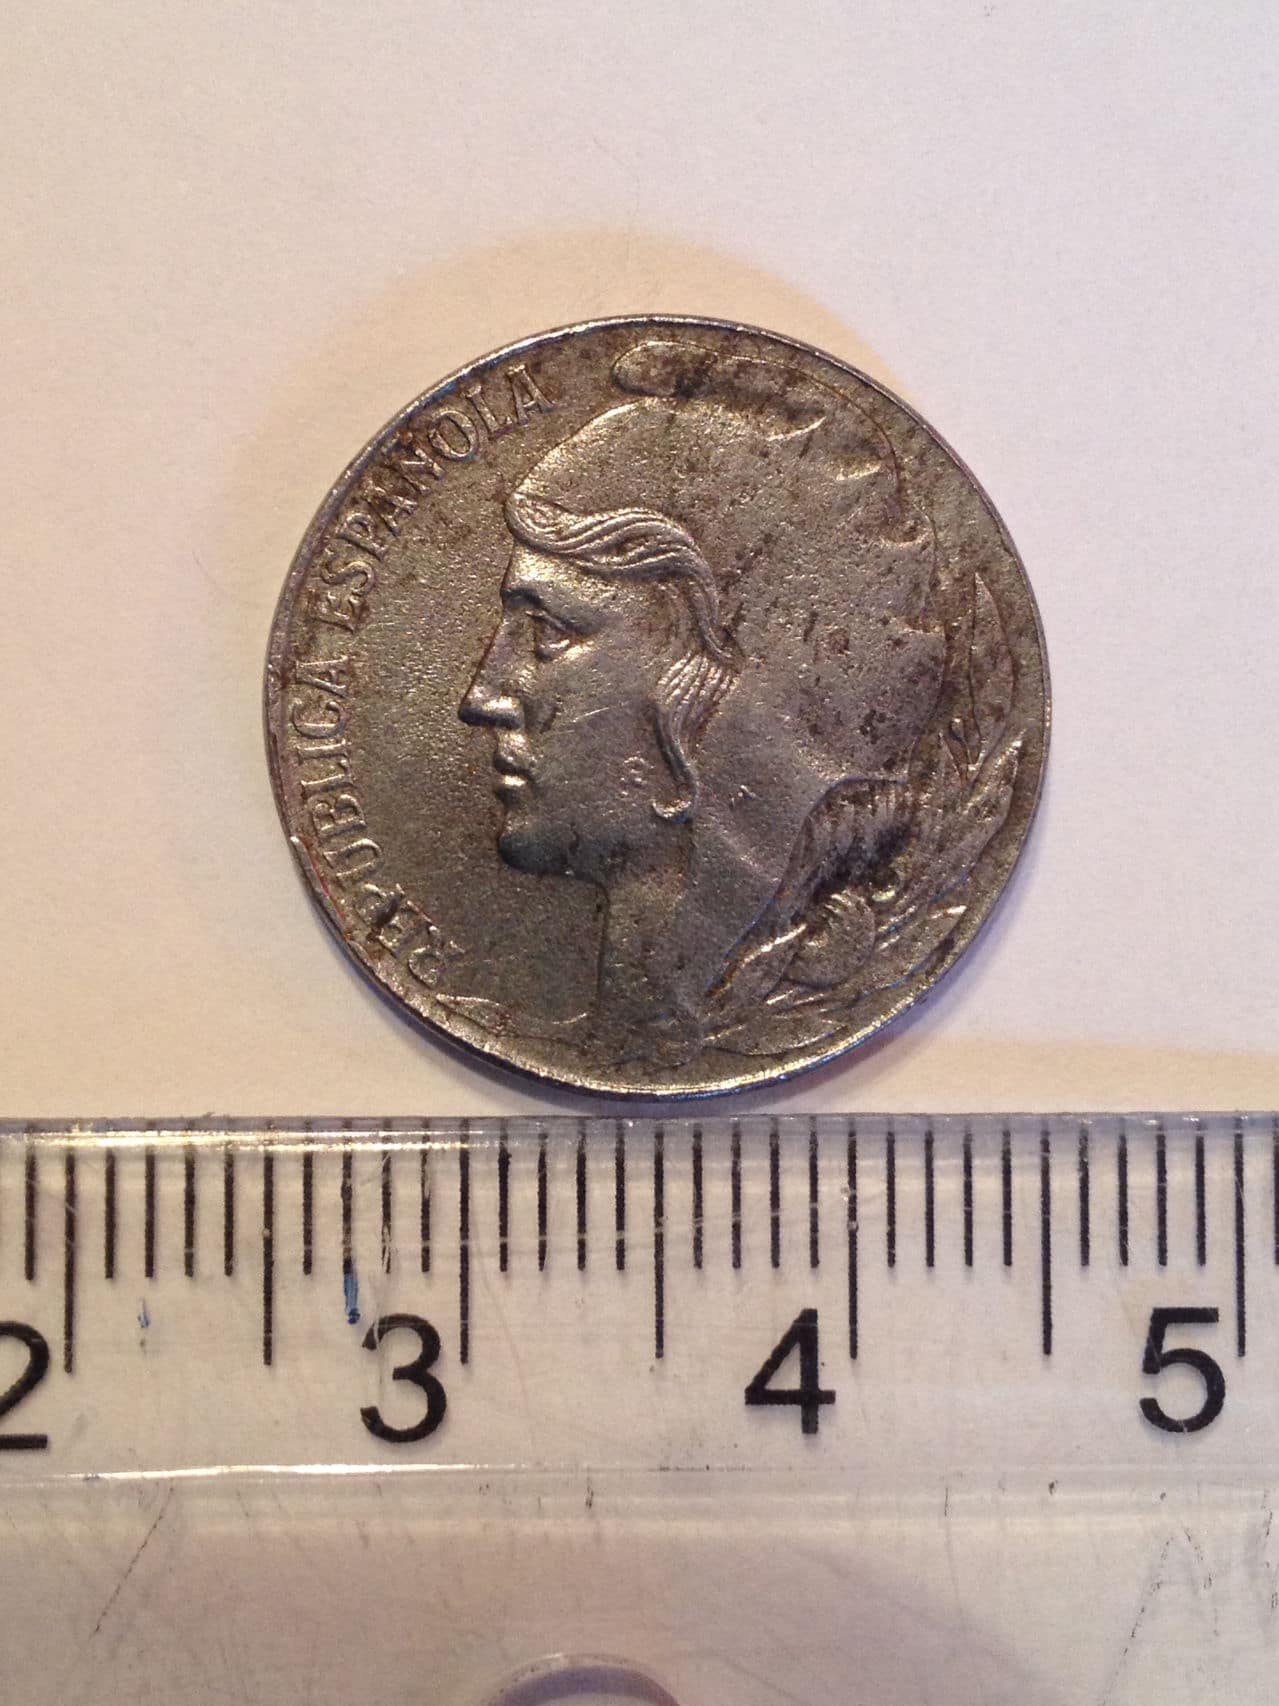 Más monedas de 5 céntimos de 1937 IMG_7312